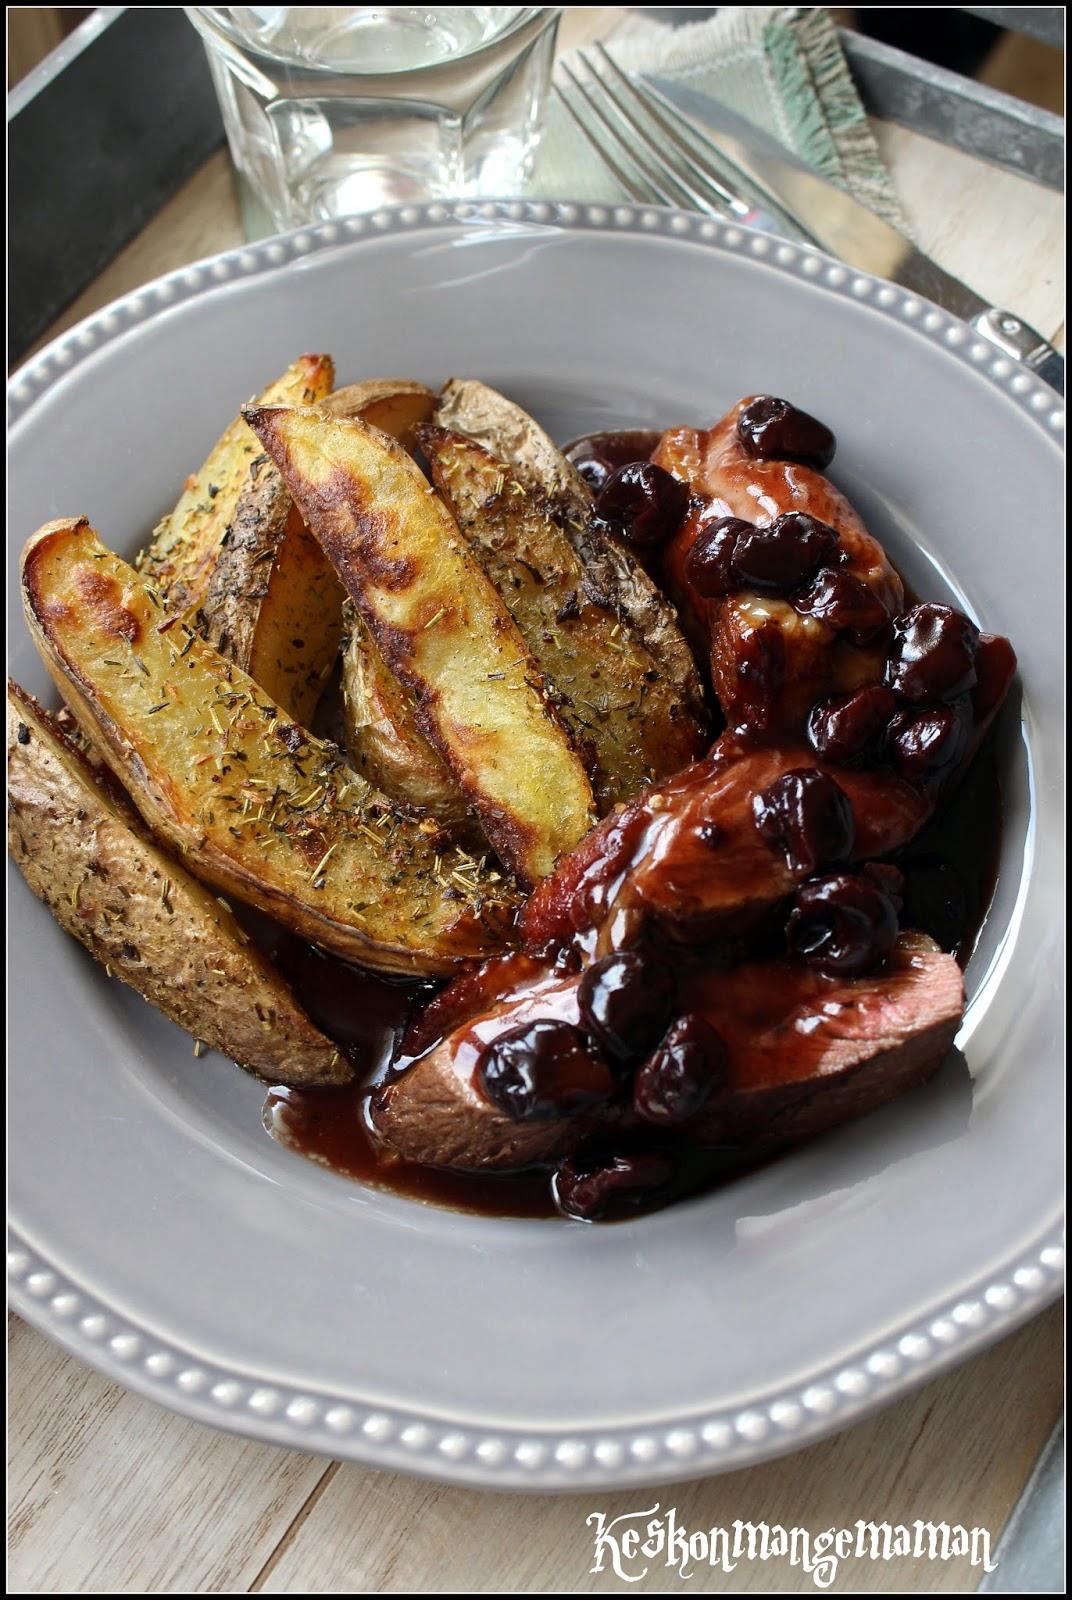 Keskonmangemaman magrets de canard aux cerises et au miel frites au four croustillantes for Cuisson magret canard au four